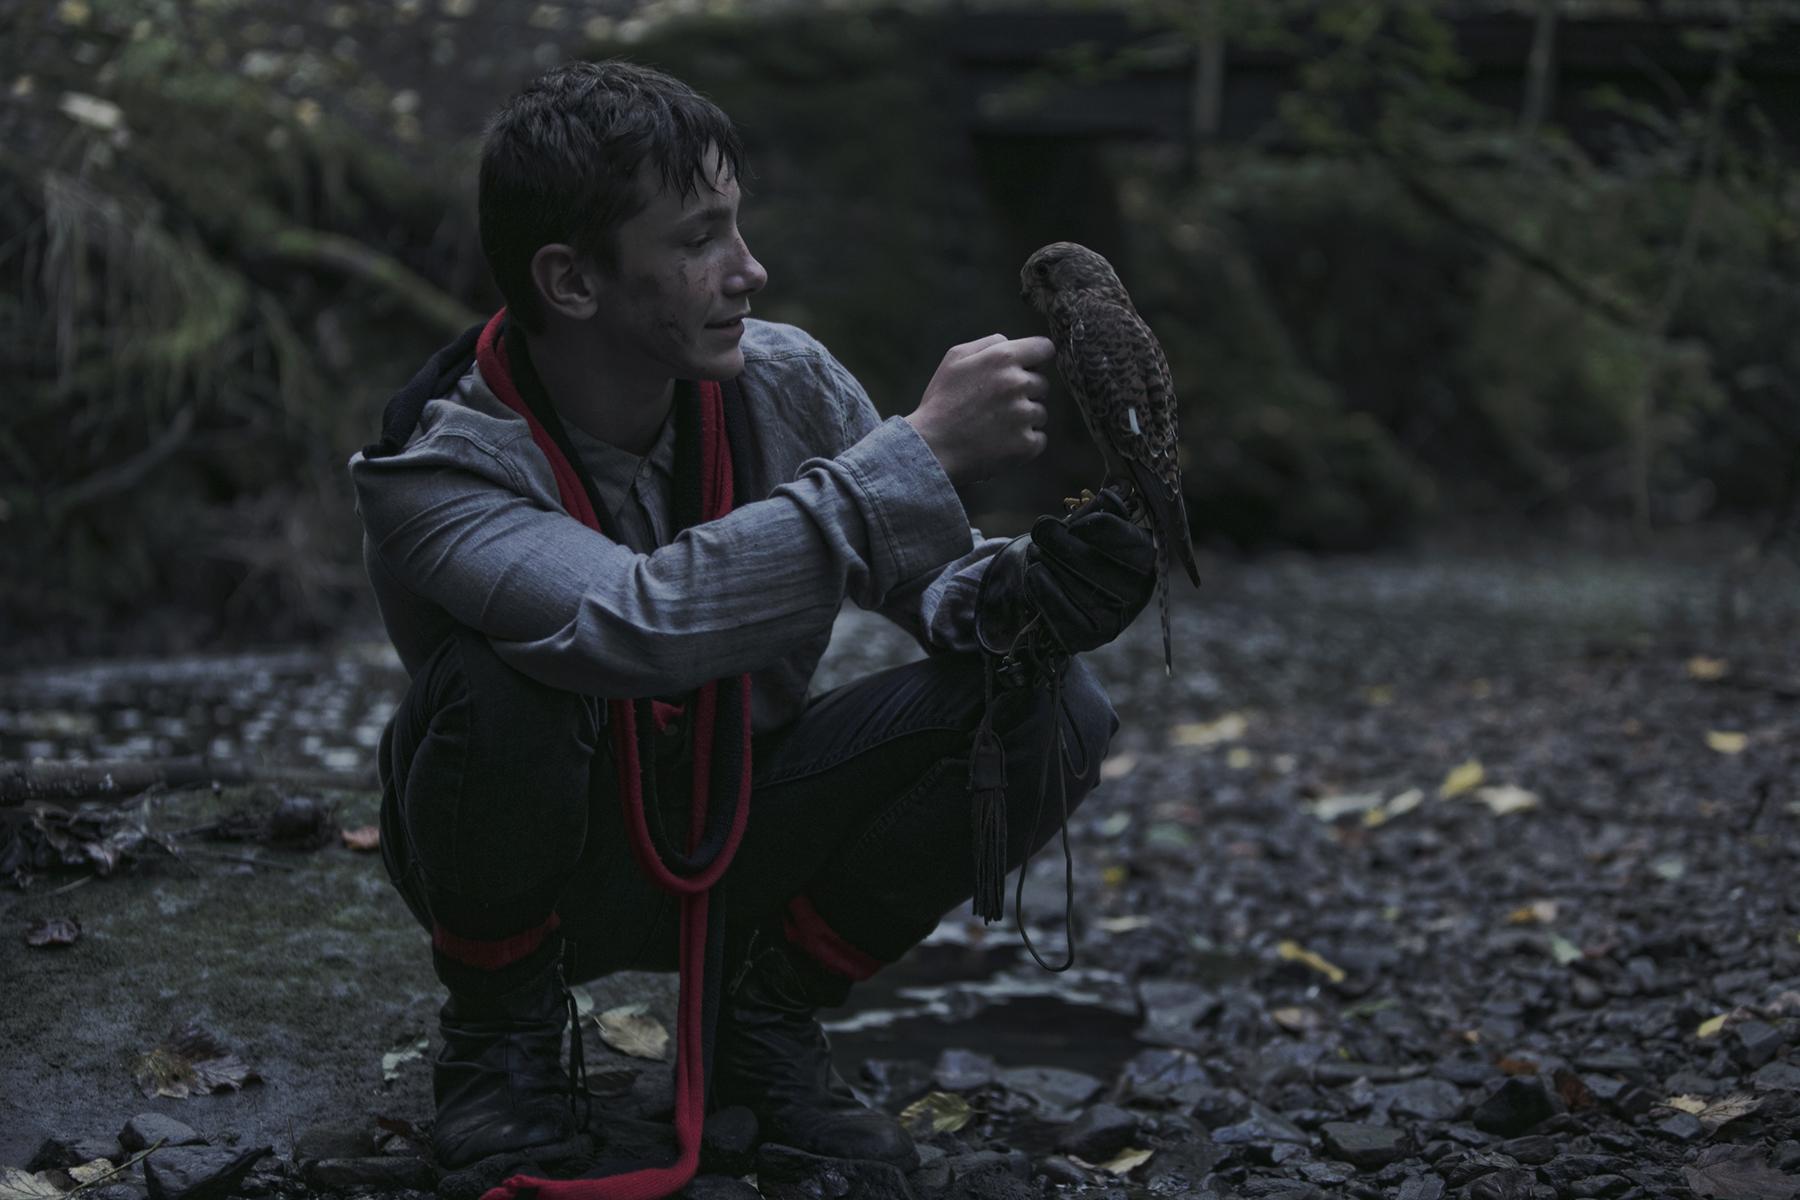 Dan Prince - Kes talking to his bird